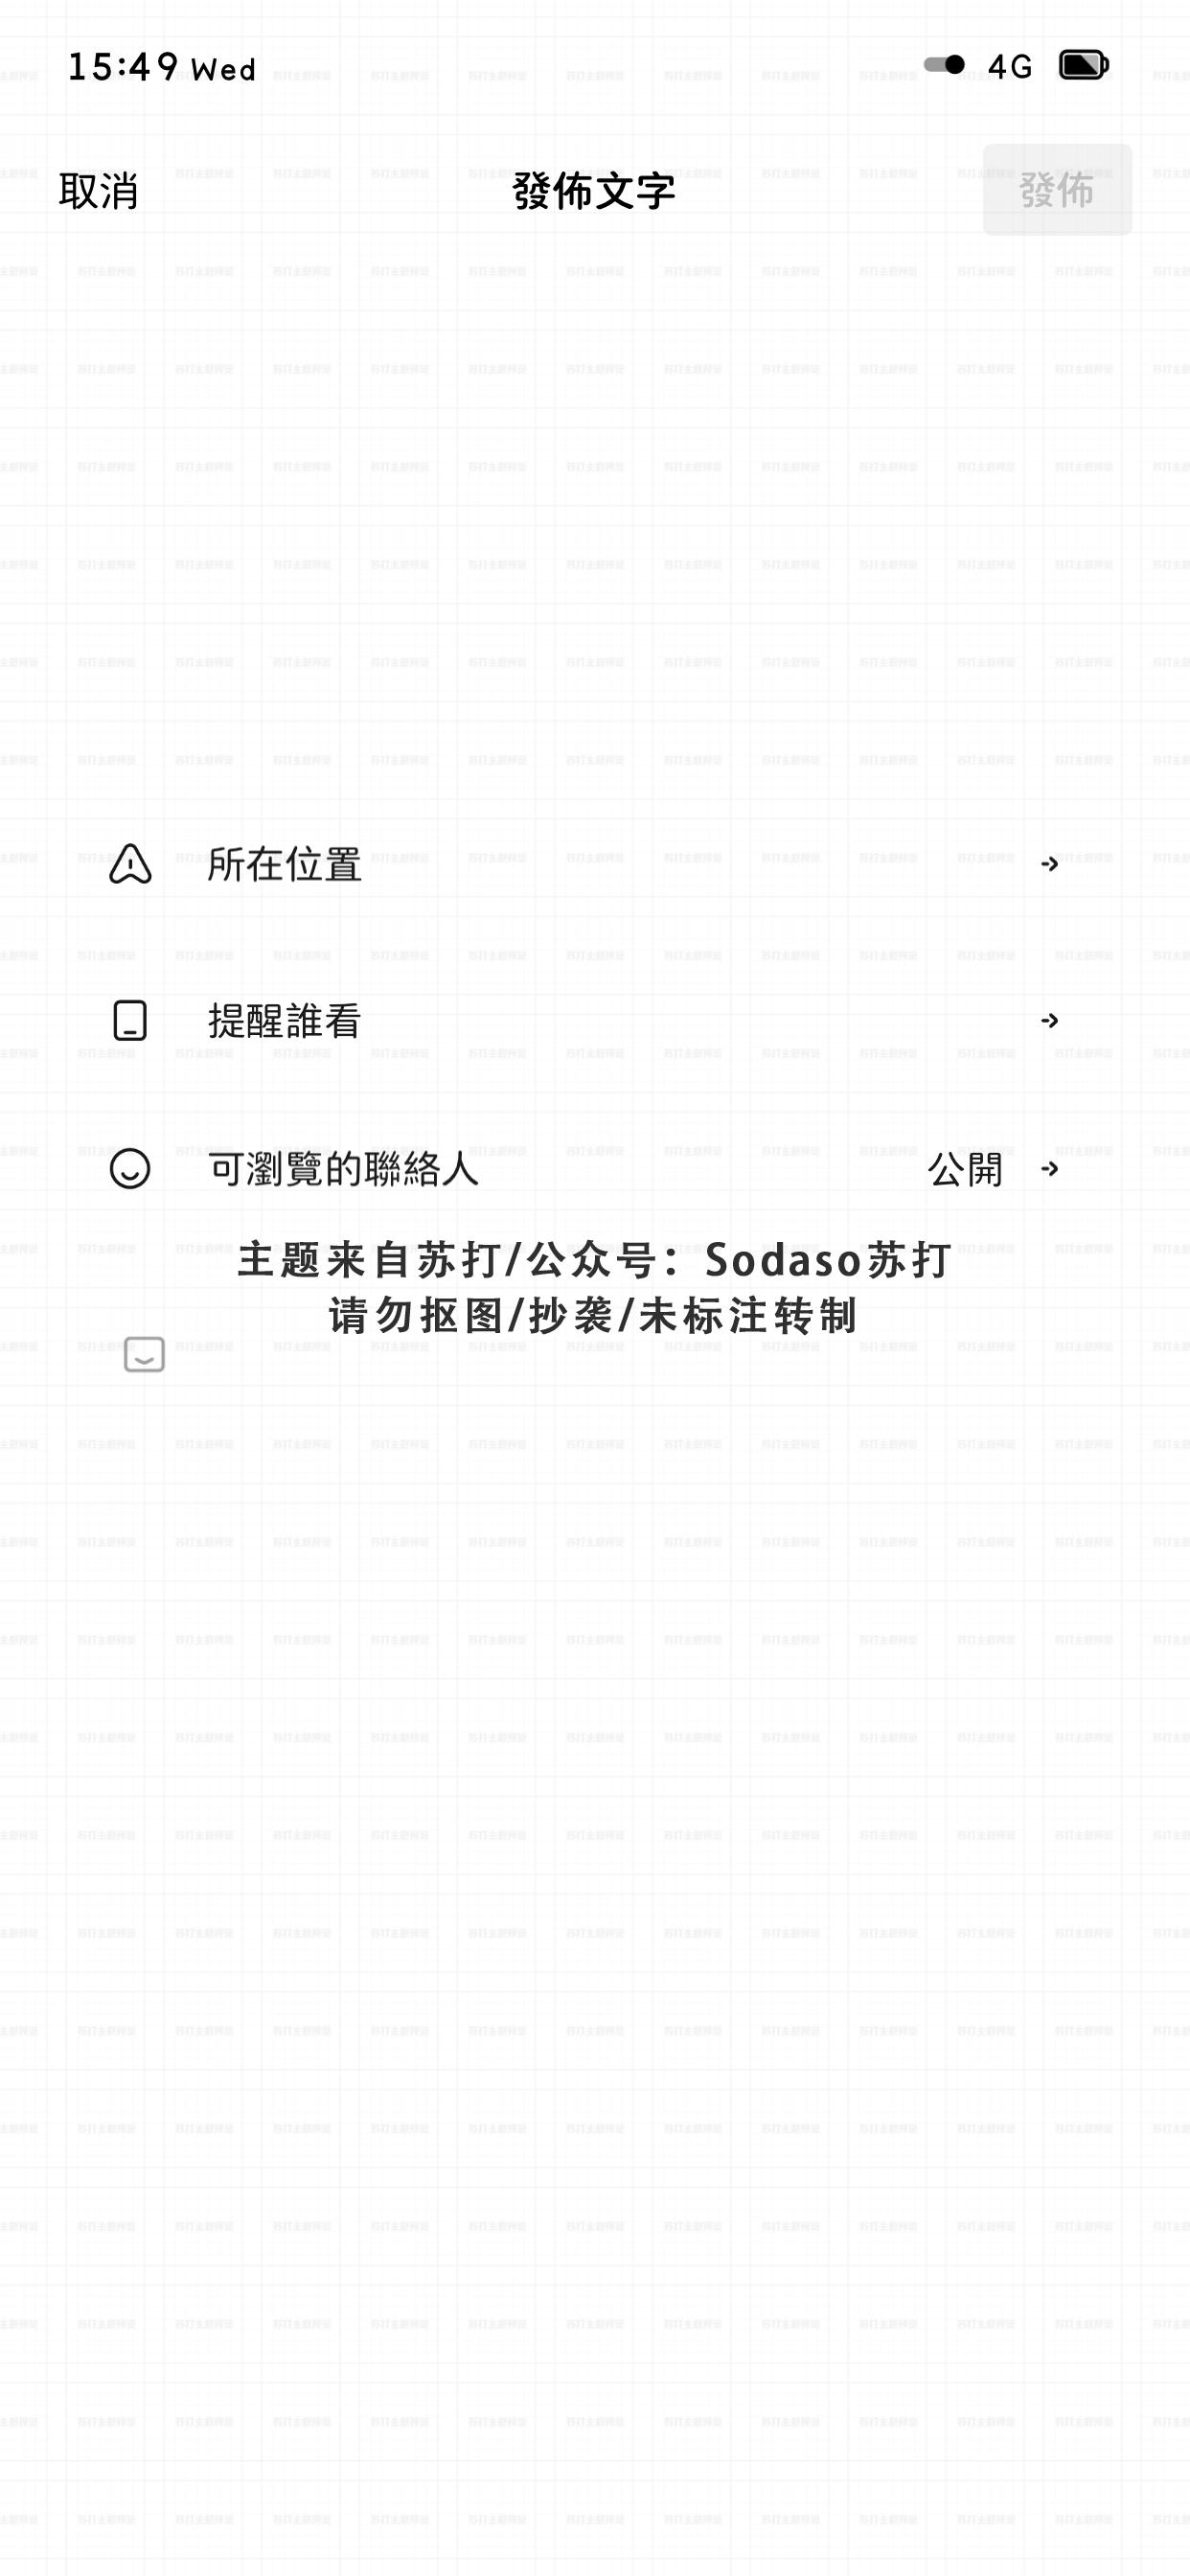 Brief WeChatTheme(微信主题) - 1.13